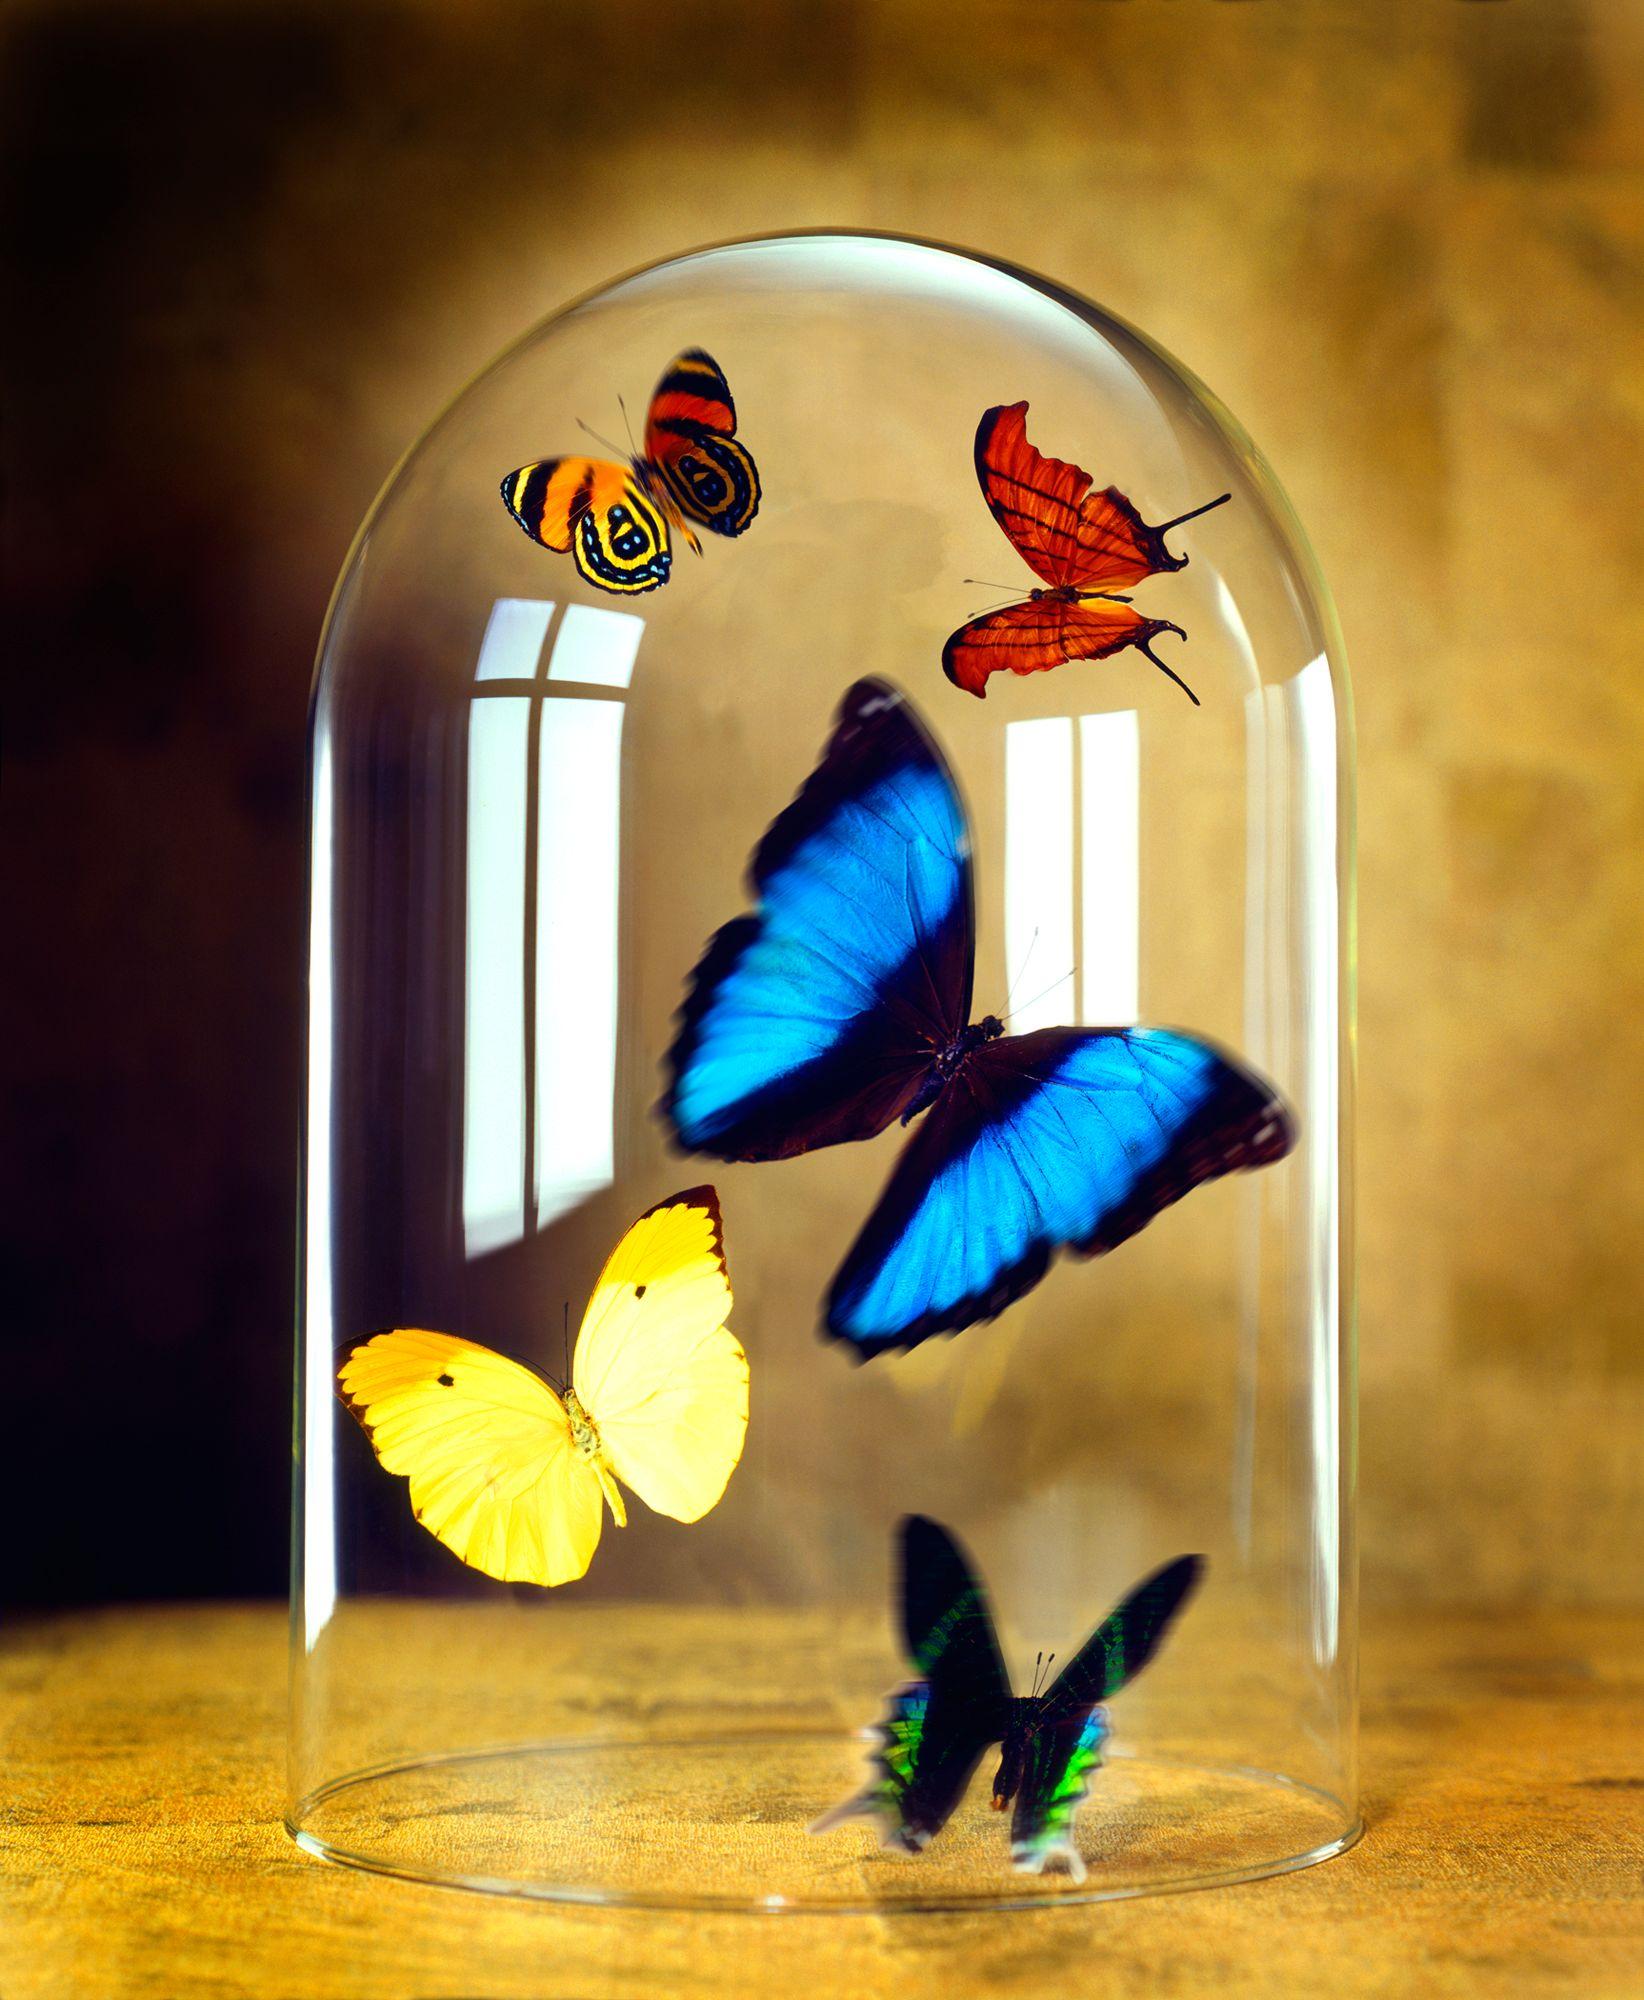 butterfly-motion.jpg